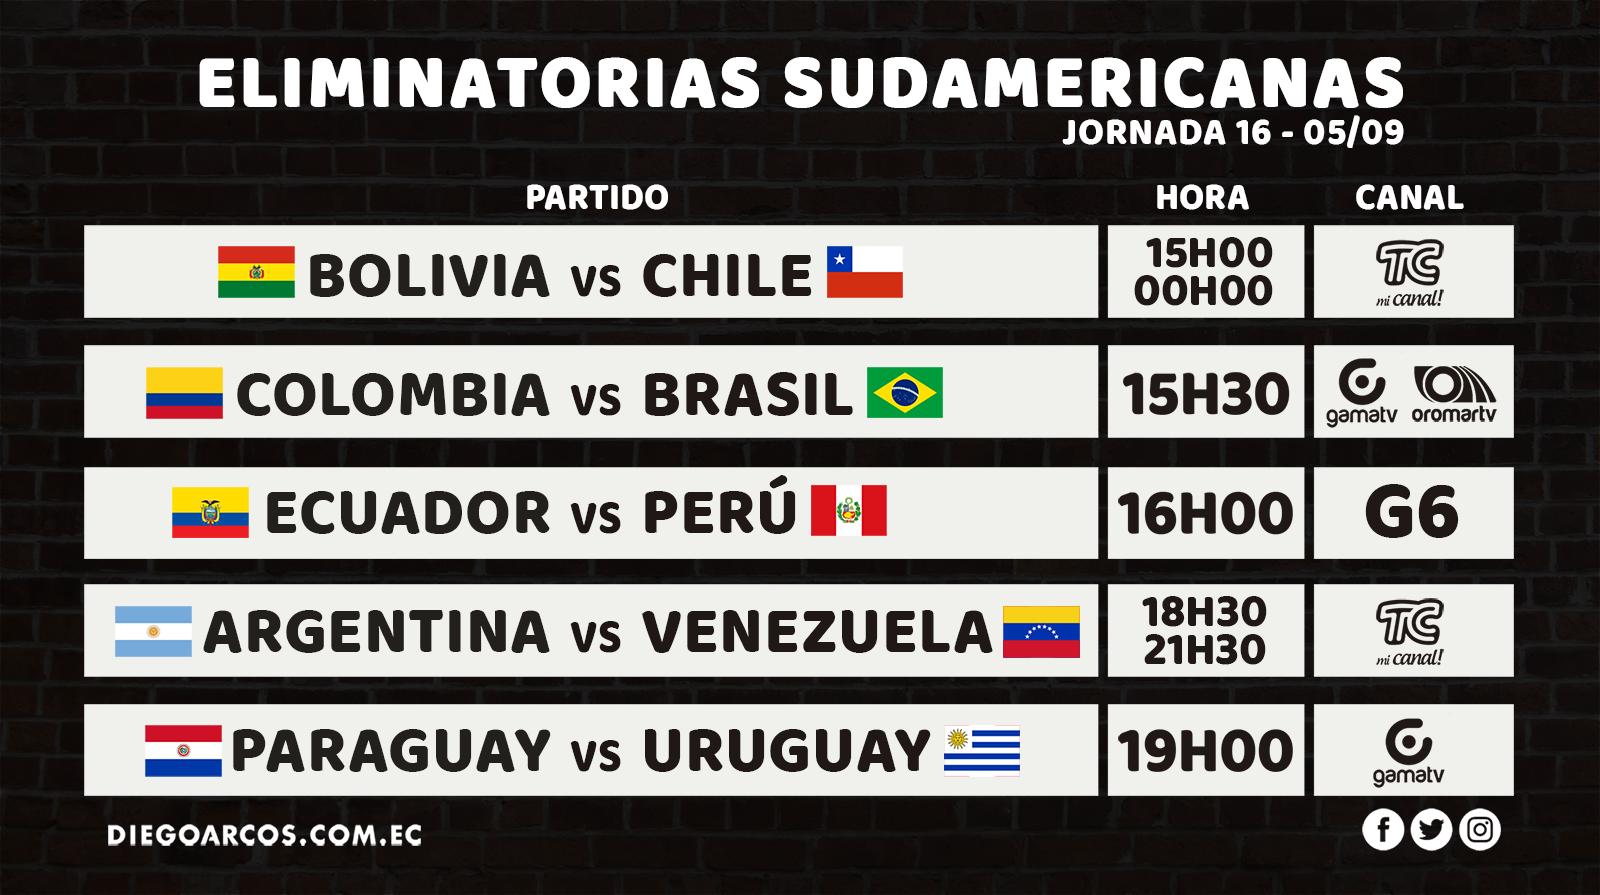 Fecha 16 eliminatorias sudamericanas, canales de aire que transmiten